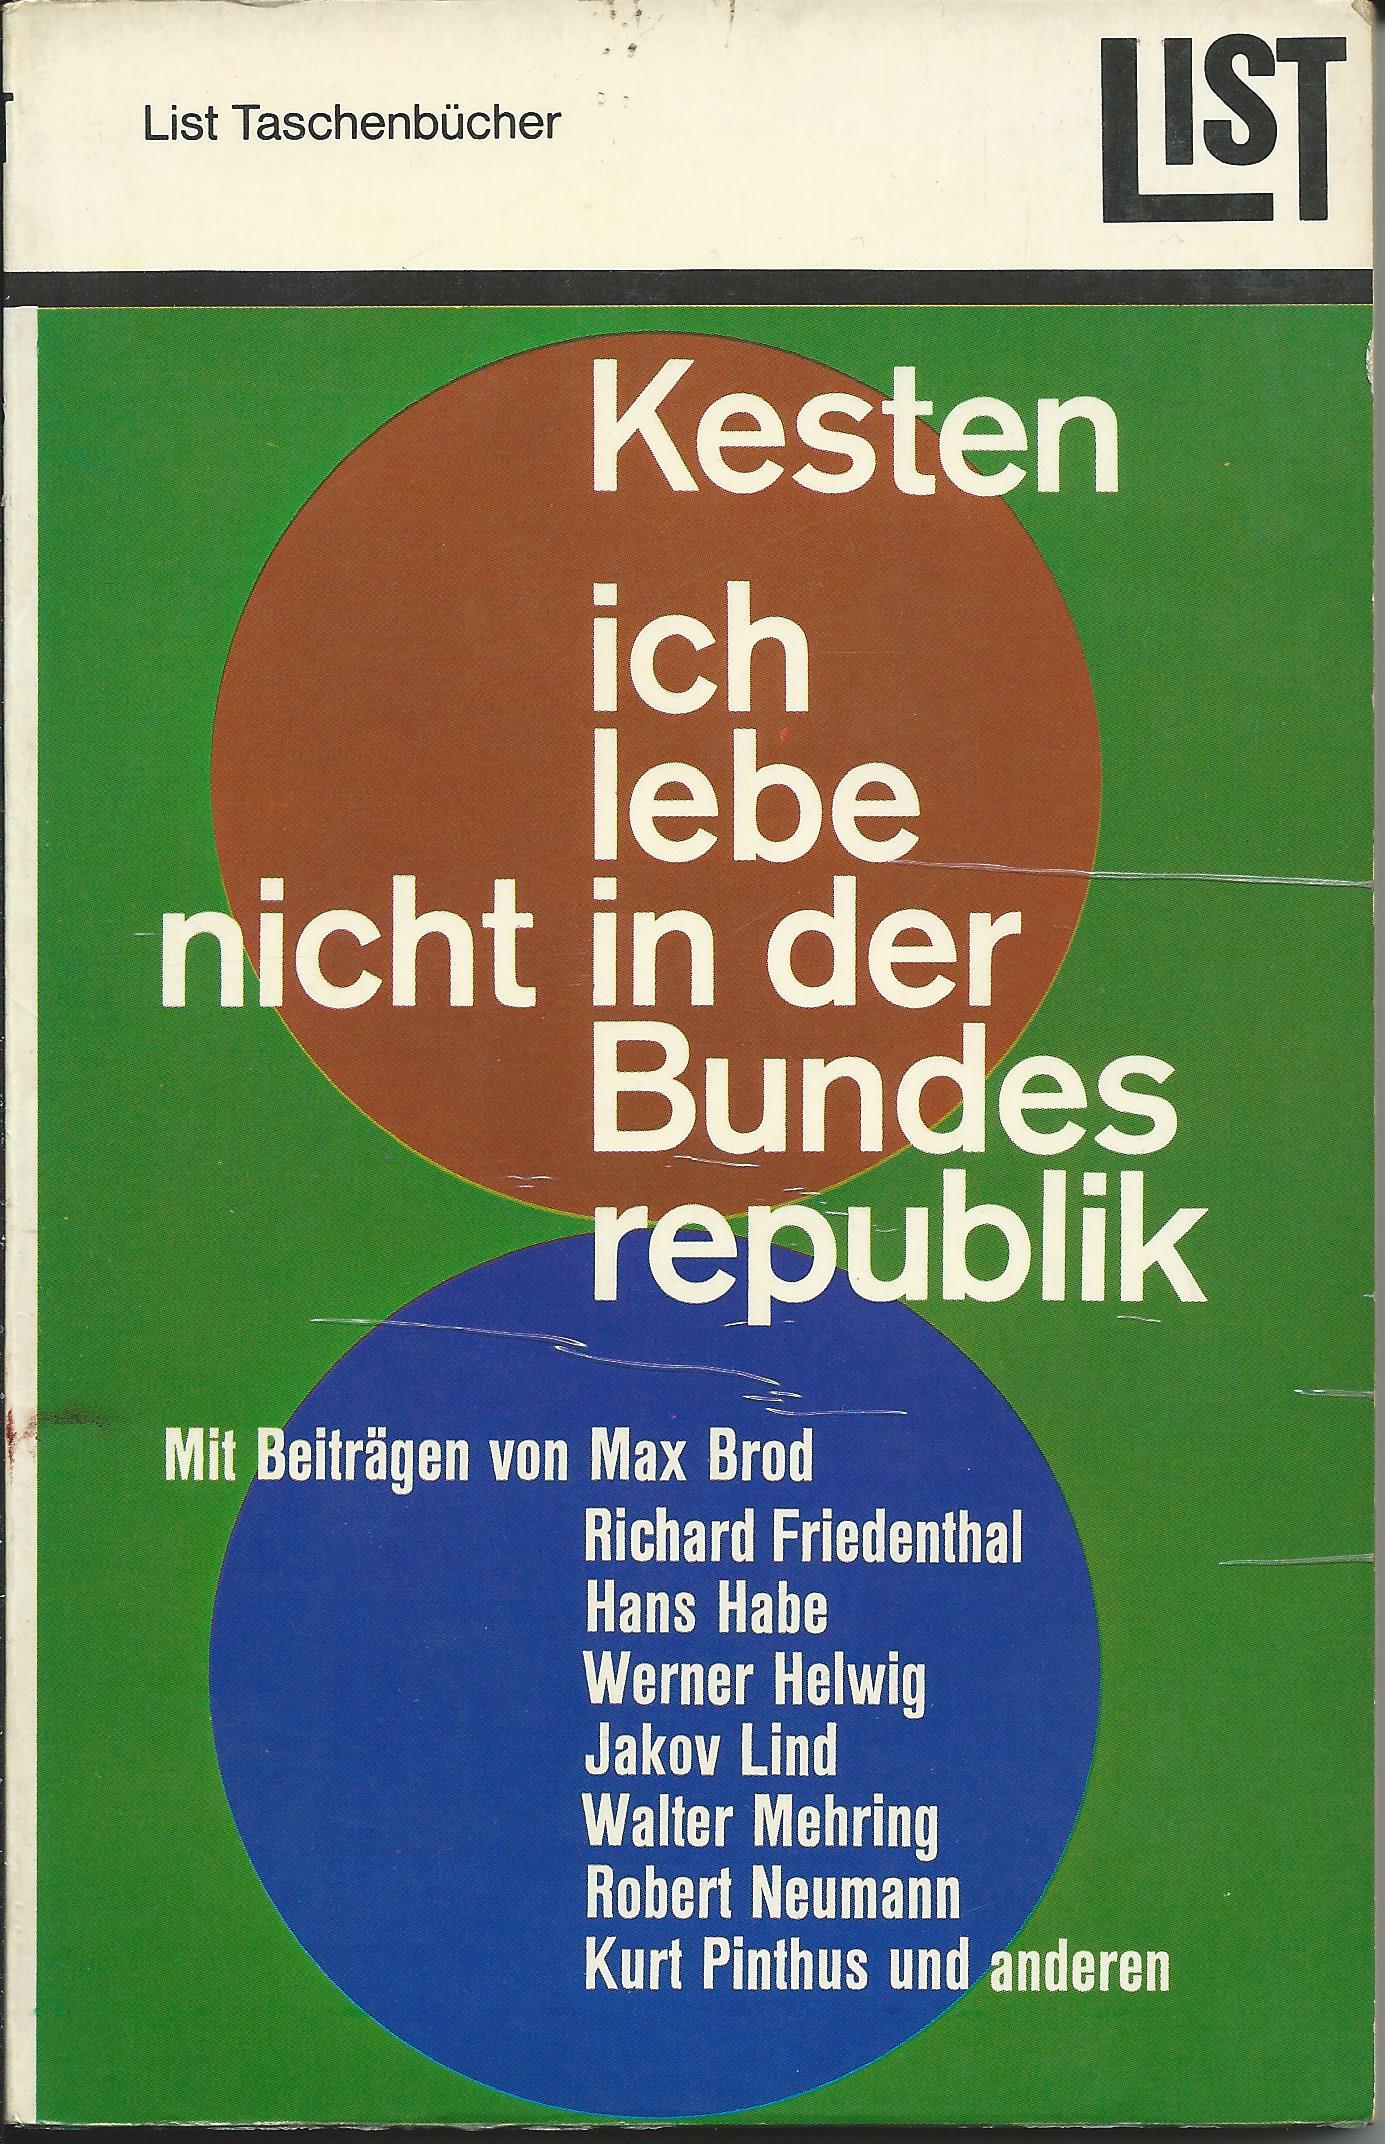 Hermann Kesten (Hg.): Ich lebe nicht in der Bundesrepublik